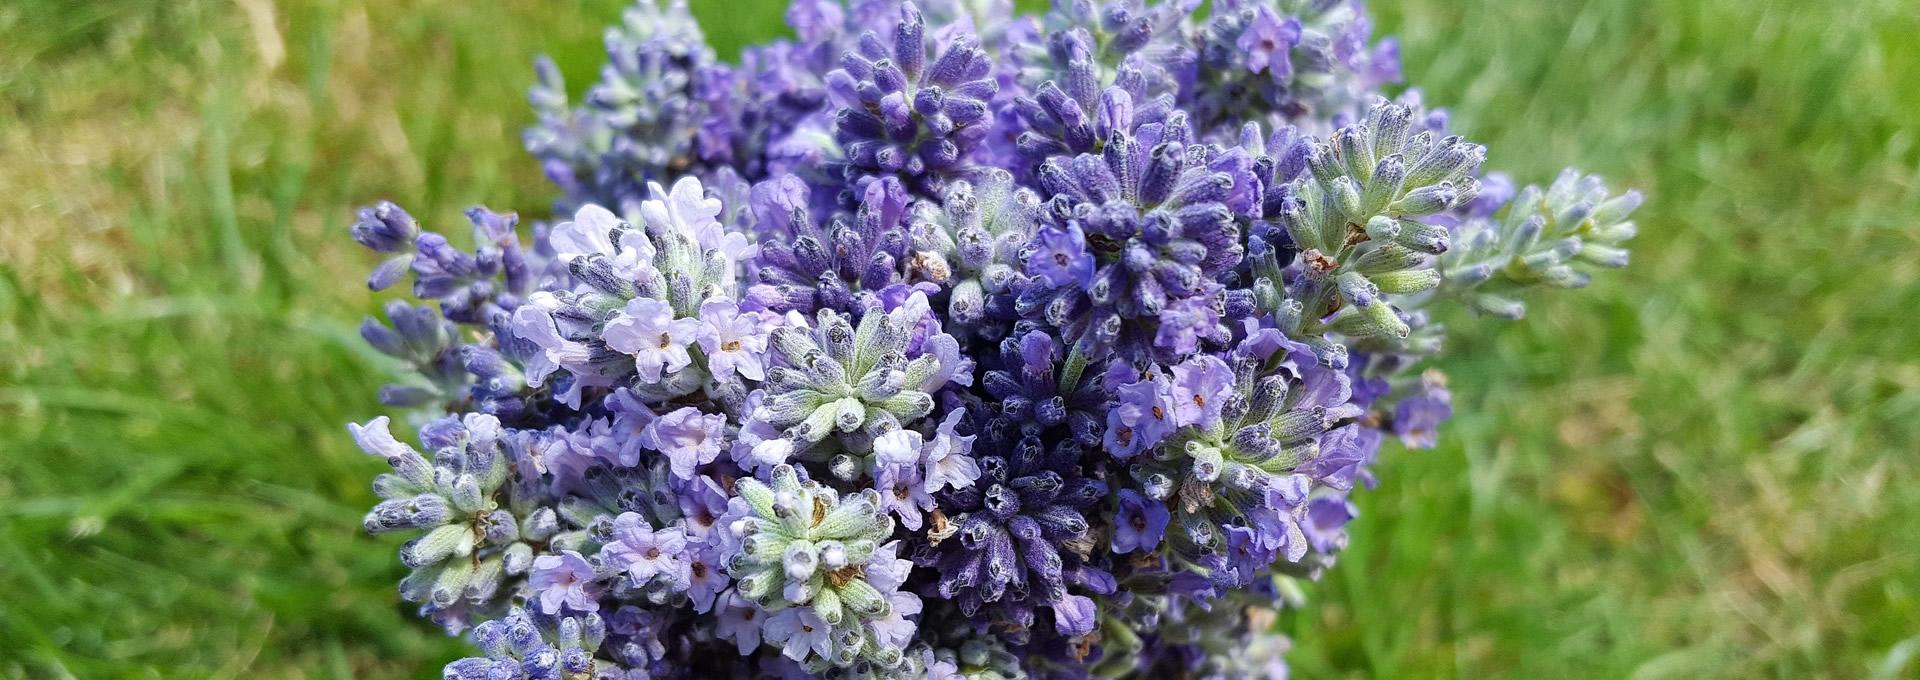 Aromatik Tıbbi Bitkiler